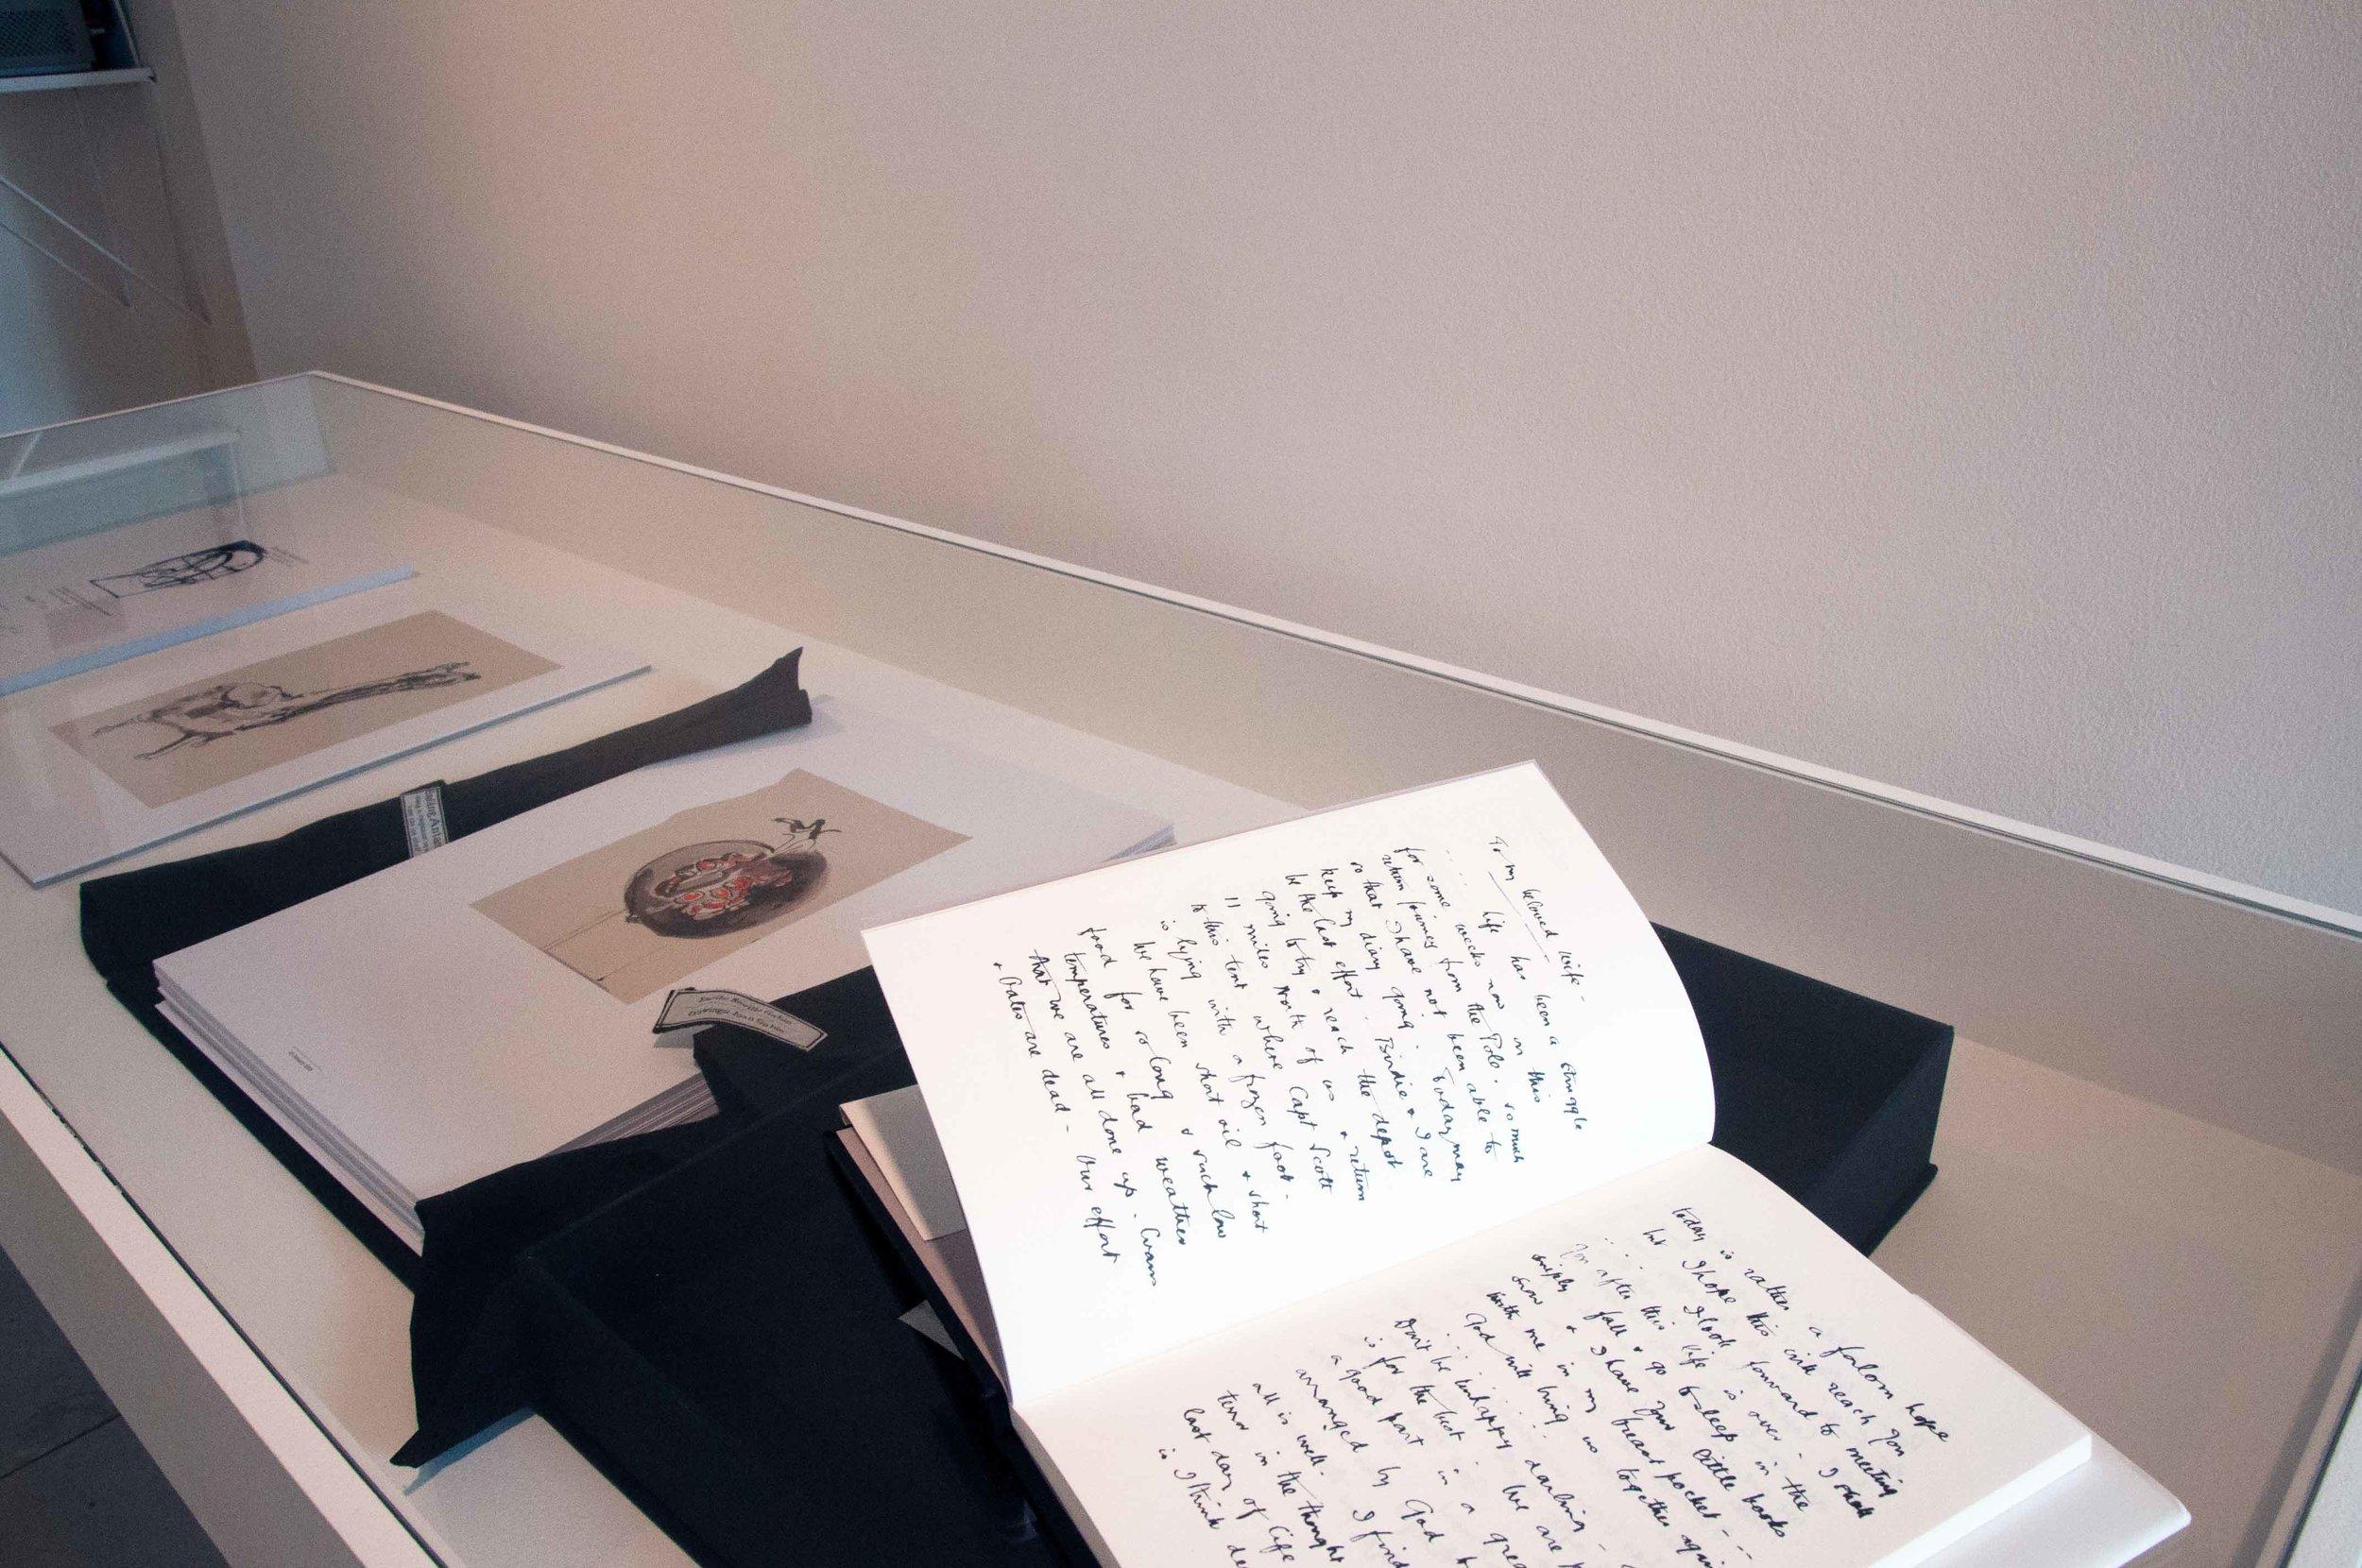 Neville-Gabie-Exhibition-View-Vitrine.jpg